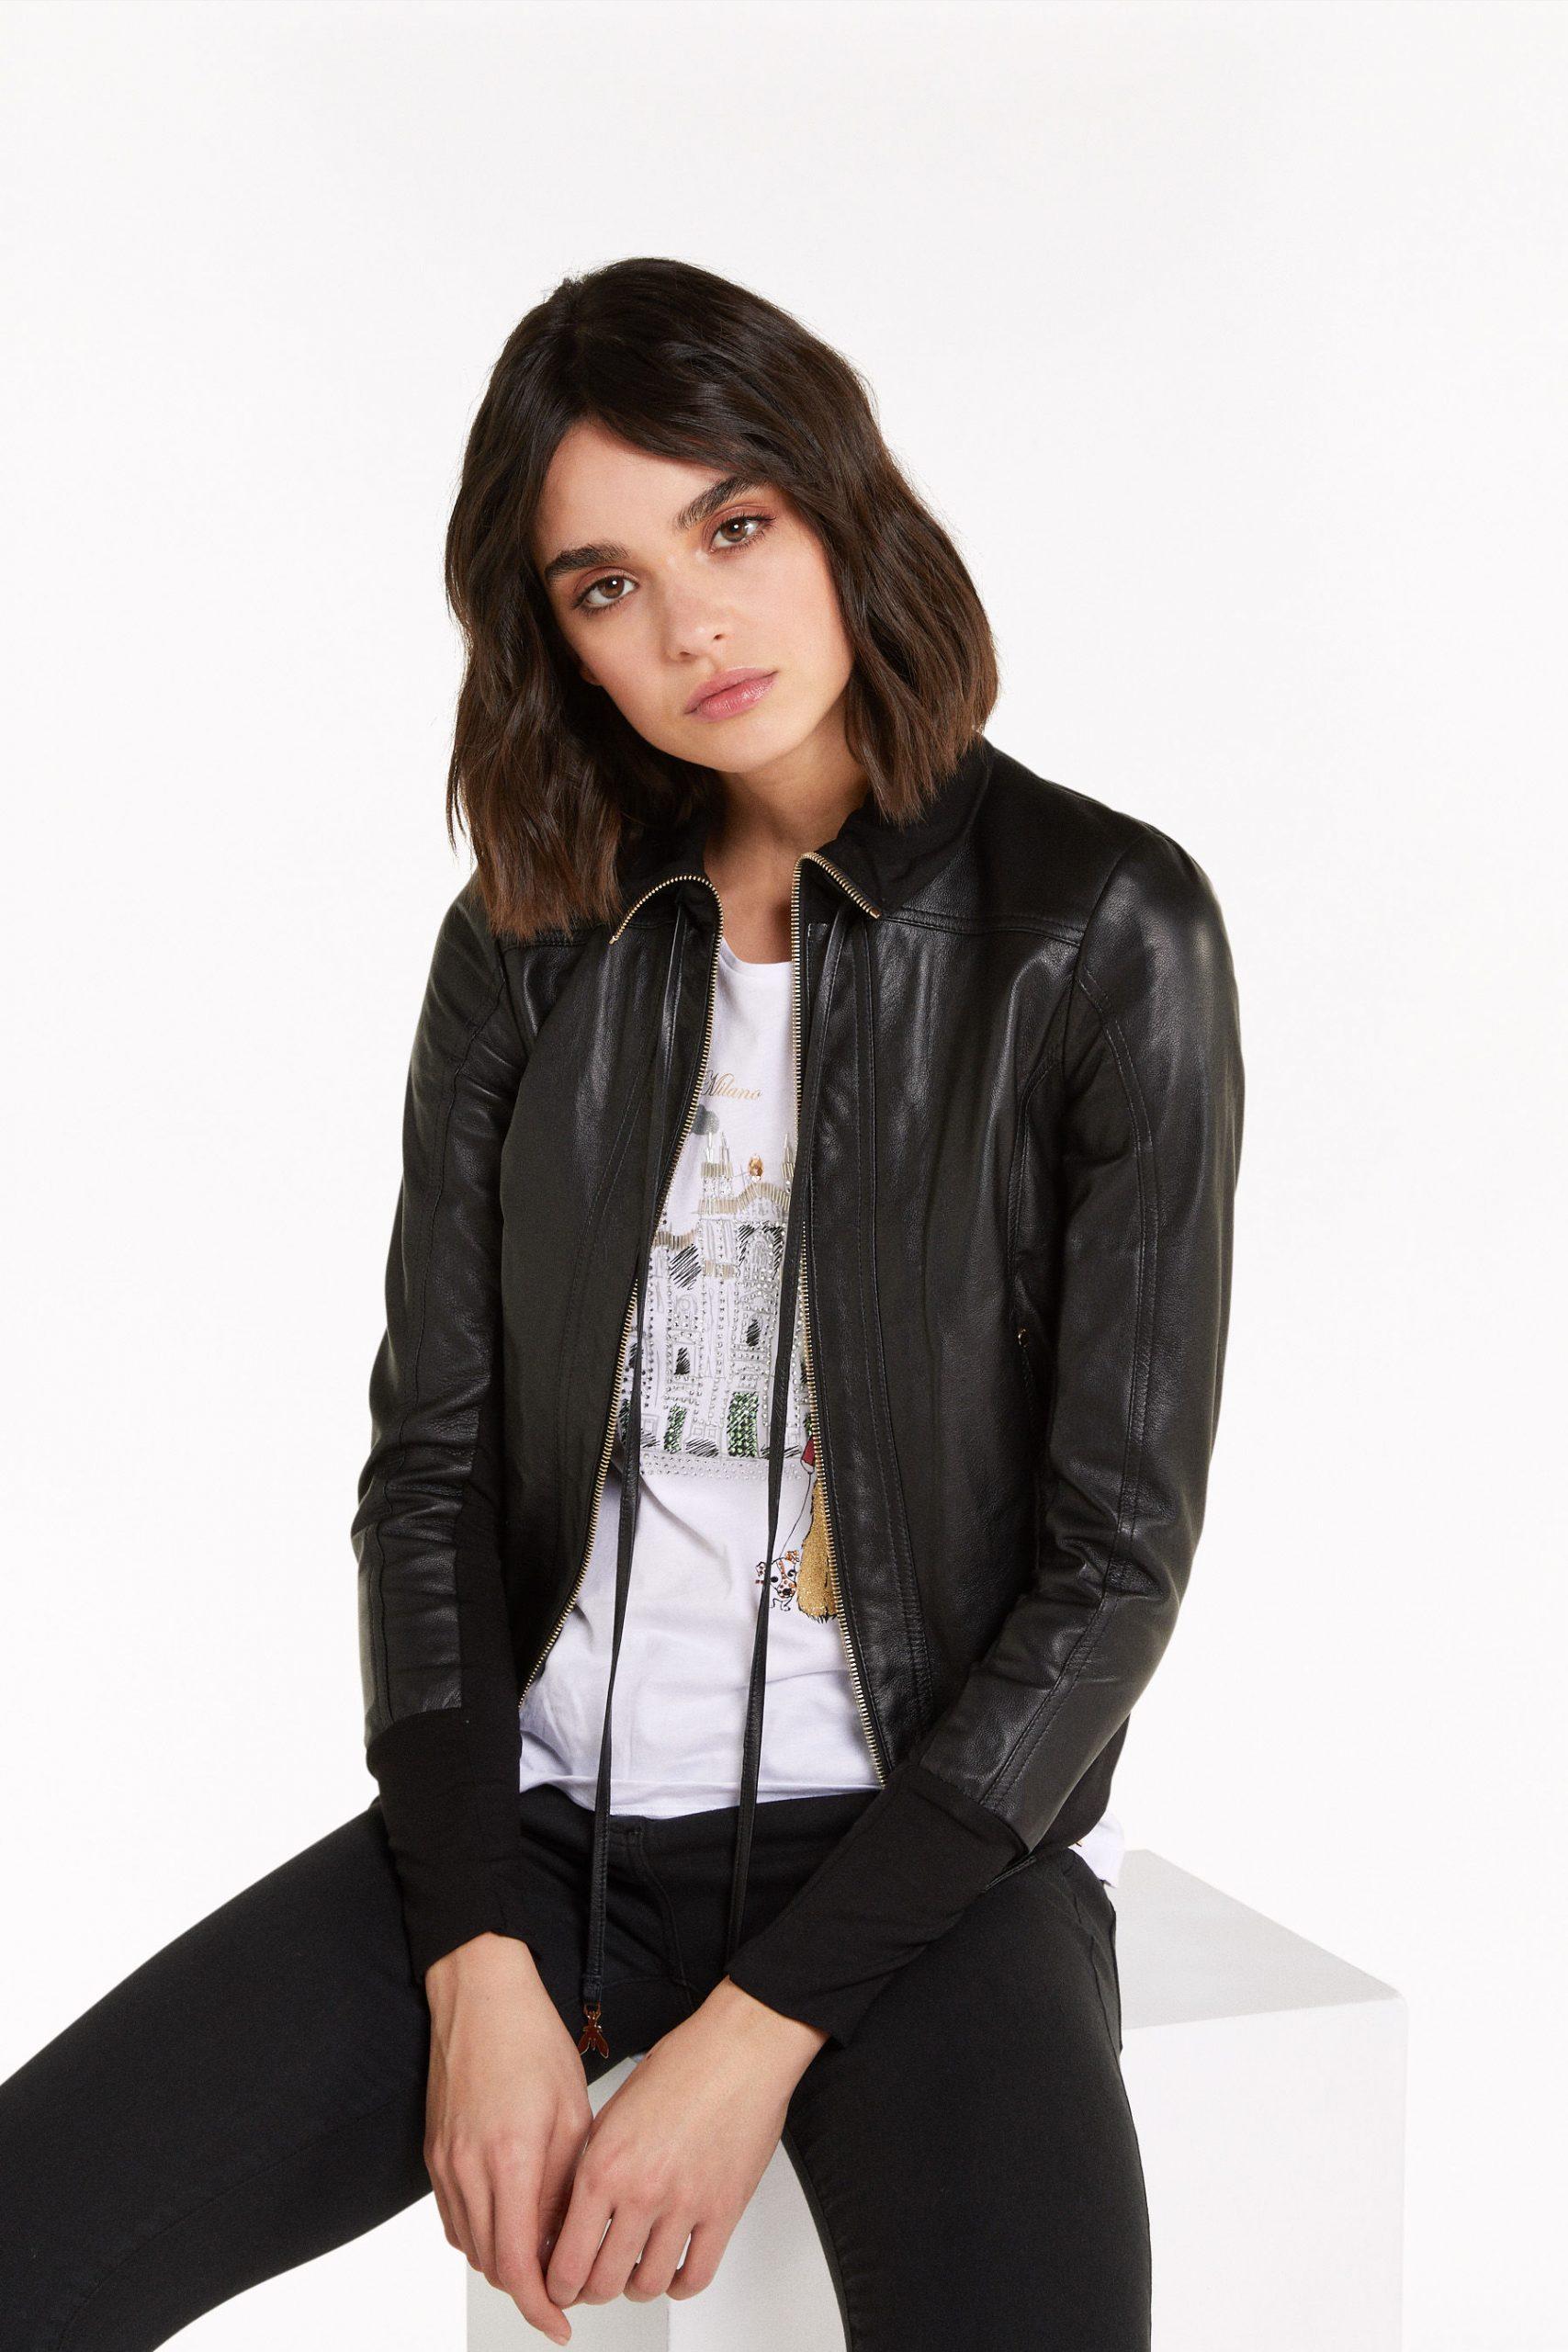 Abbigliamento Patrizia Pepe  Giubbotto in nappa d'agnello Black female collezione 2020 shop the look